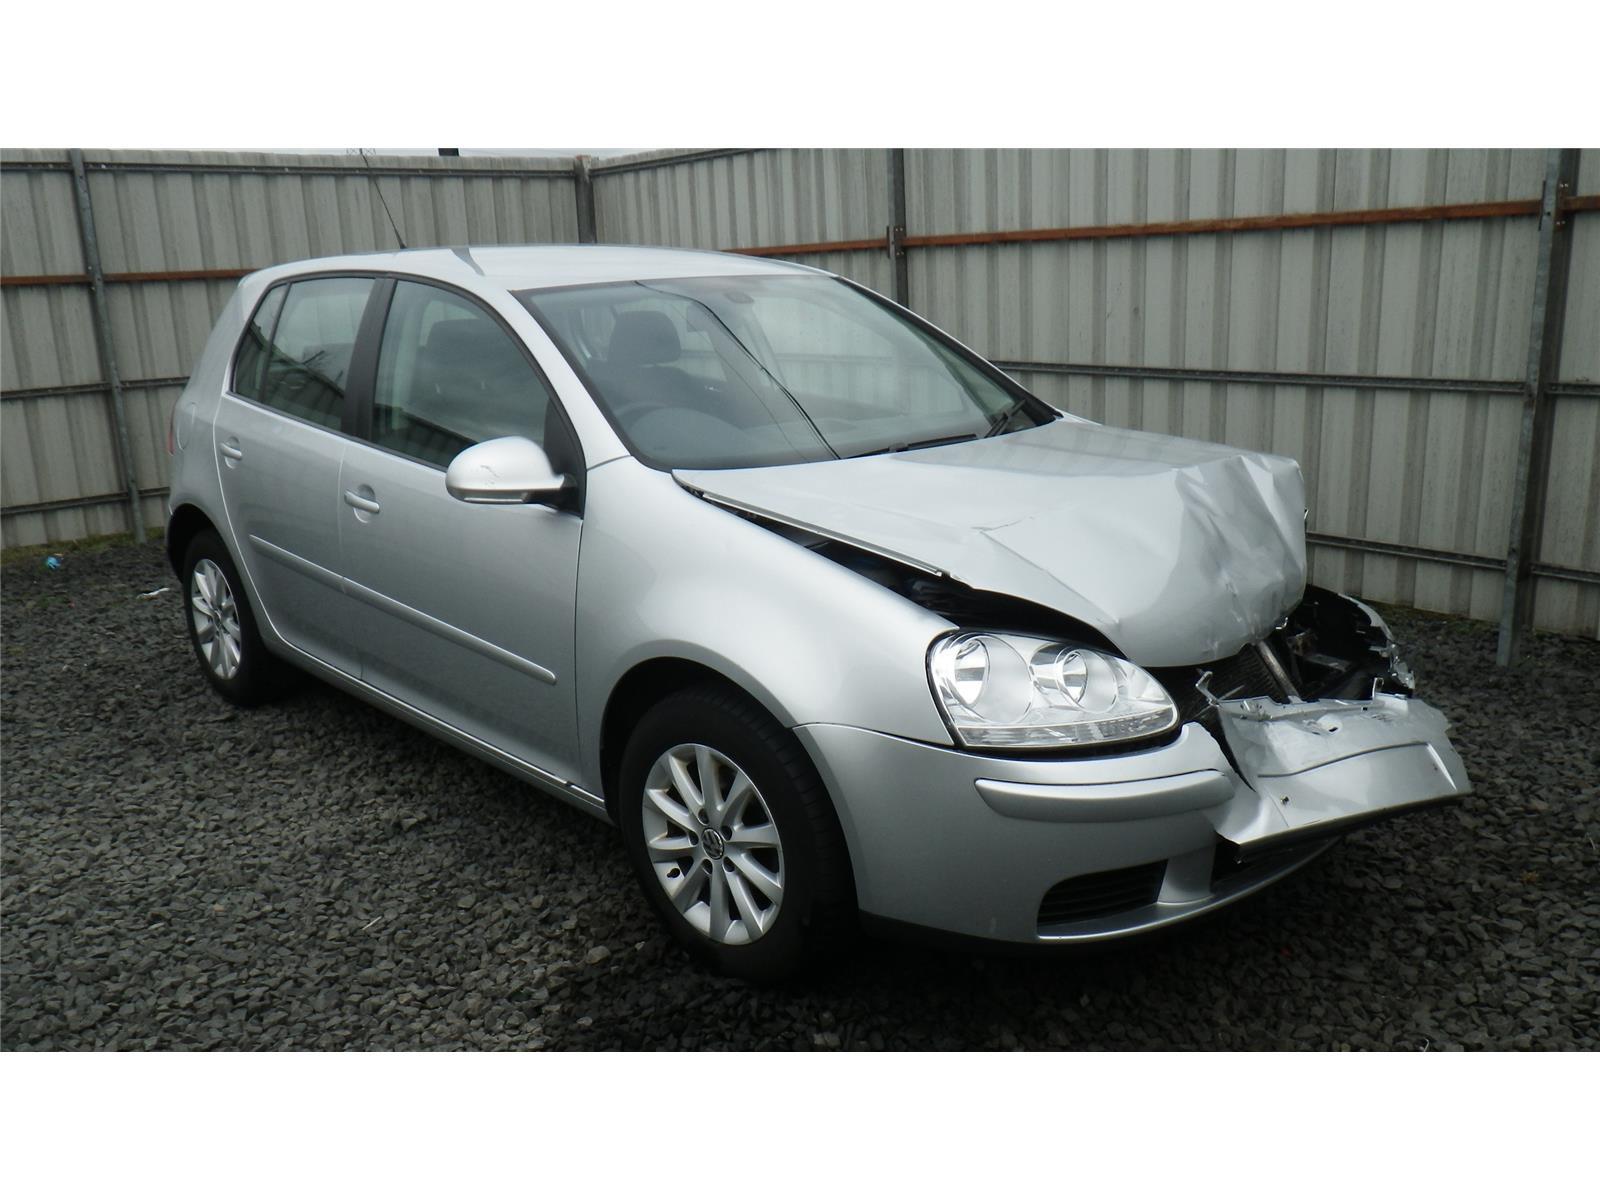 2008 Volkswagen Golf (mk5) 2003 To 2009 5 Door Hatchback